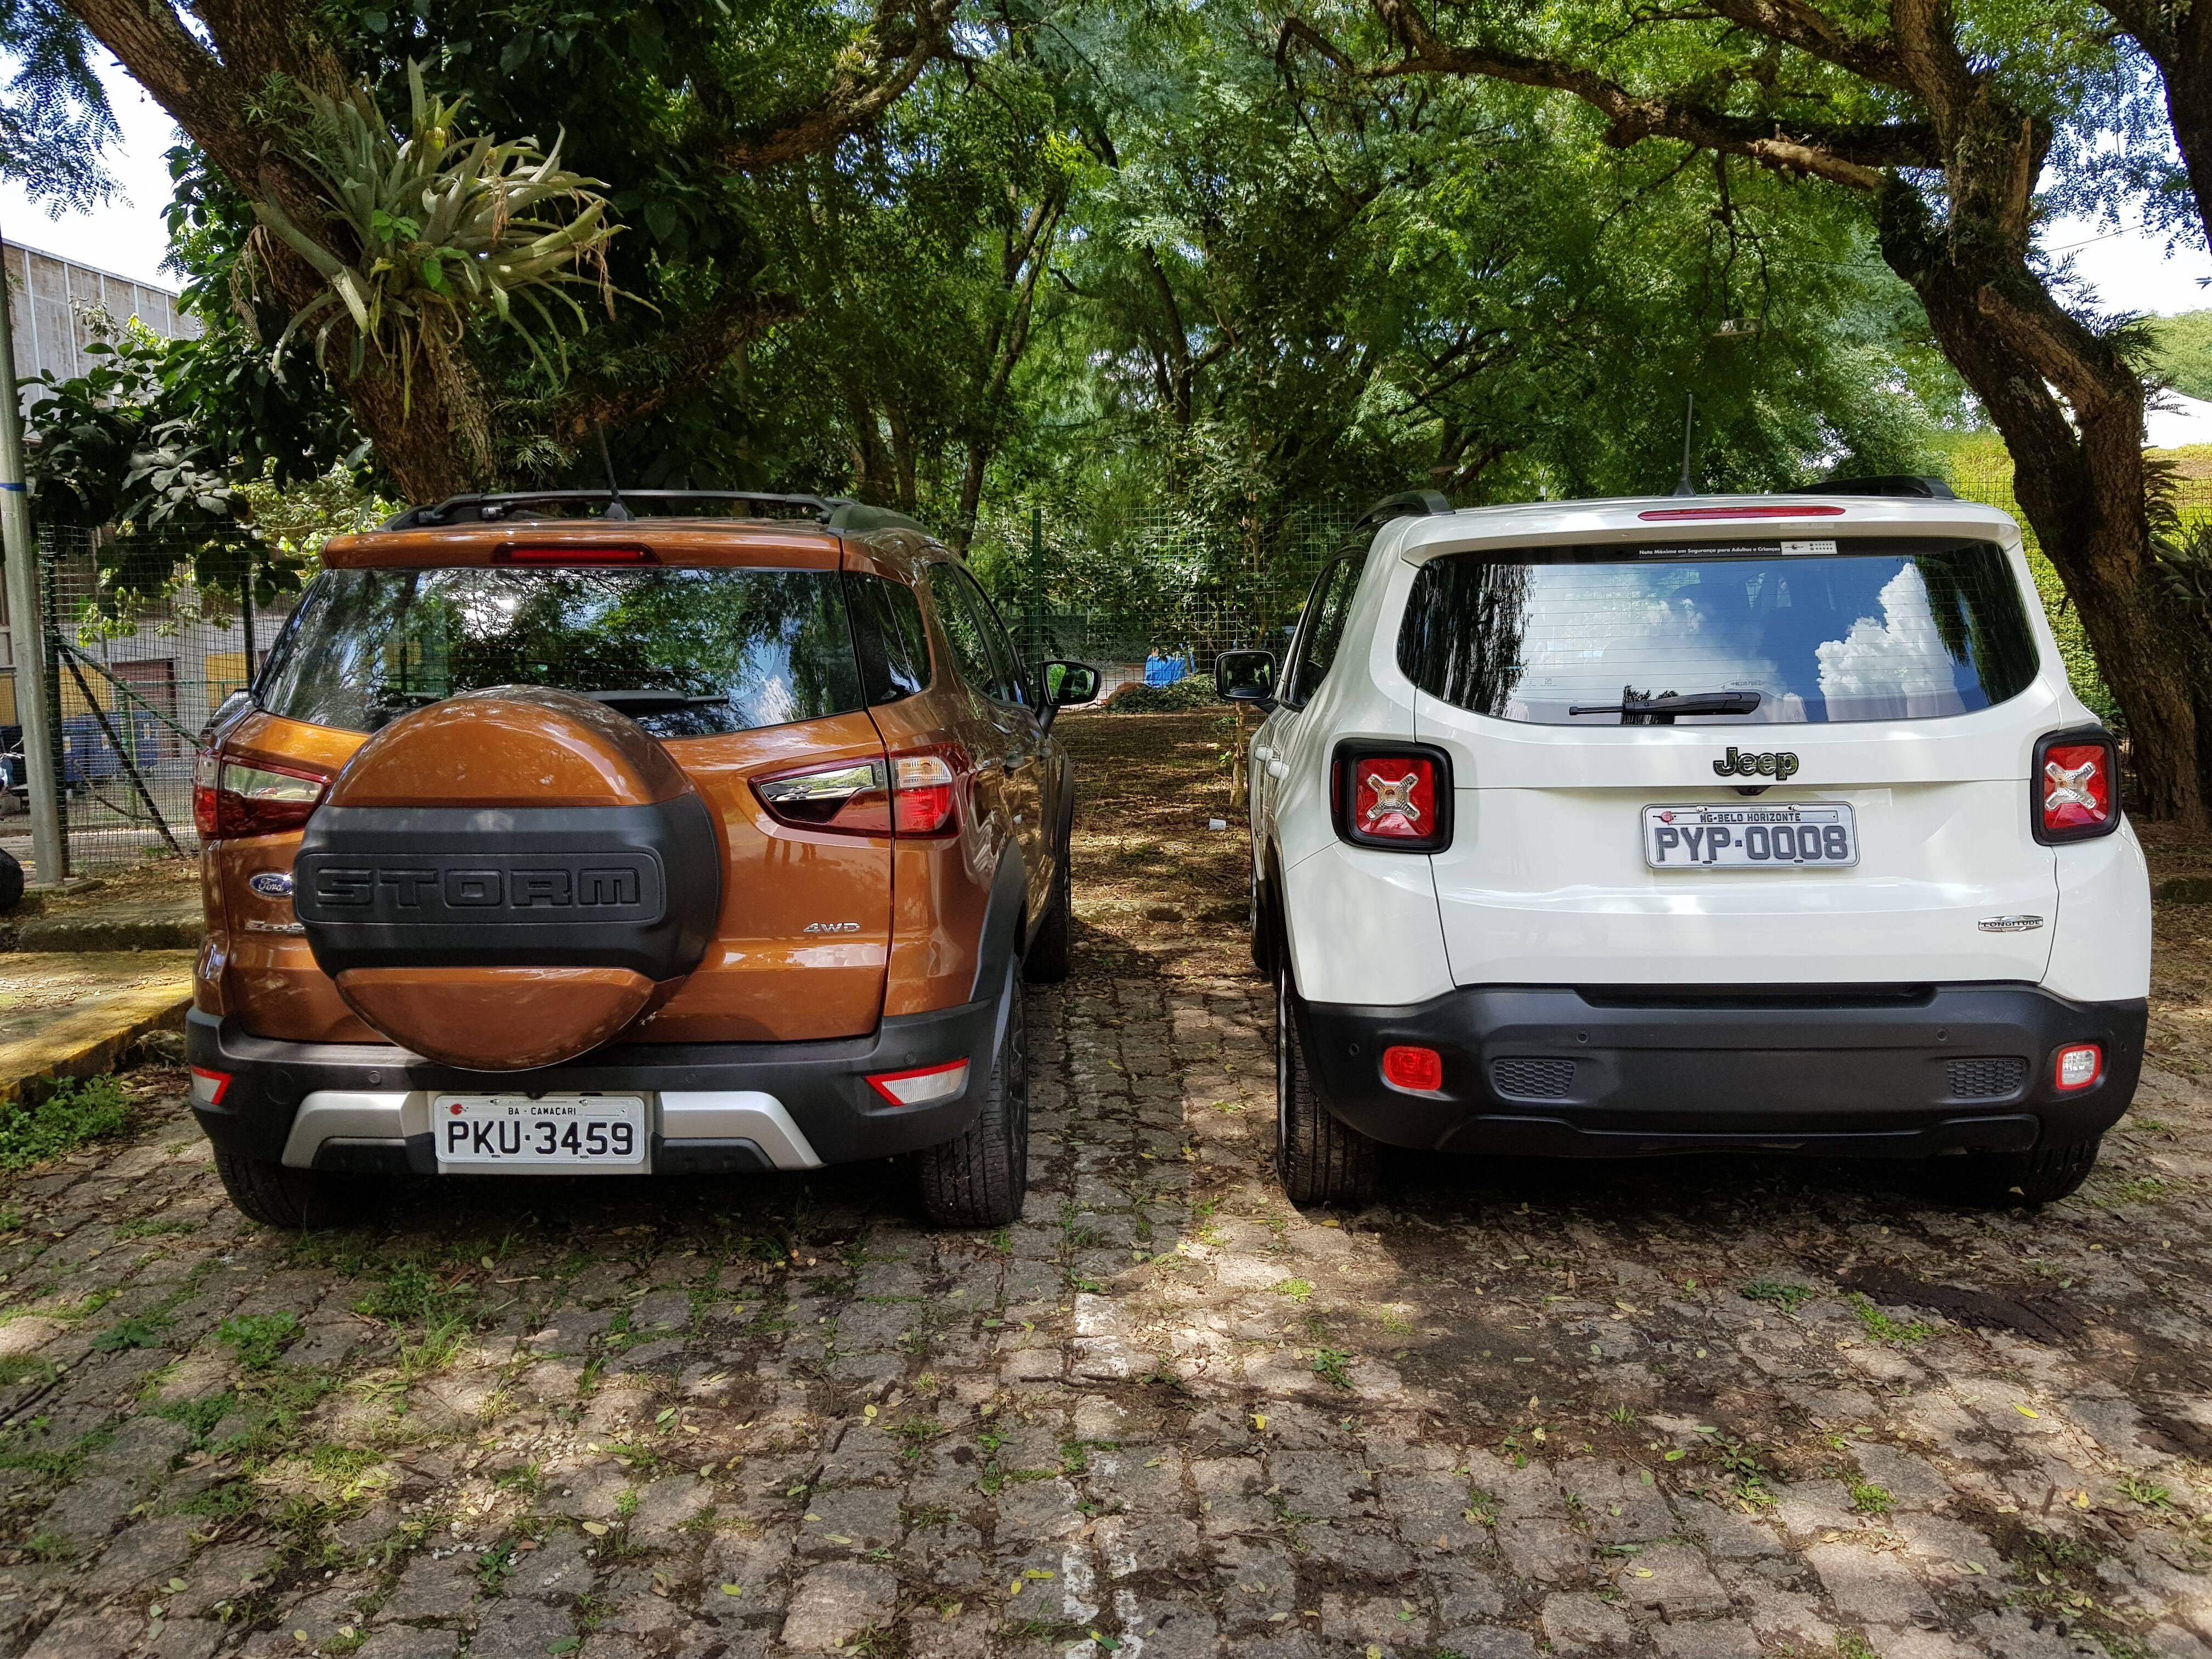 Visto de traseira, a nova versão com EcoSport tem capa do estepe pintada na cor do carro e detalhe exclusivo decorativo. Foto: Caue Lira/iG